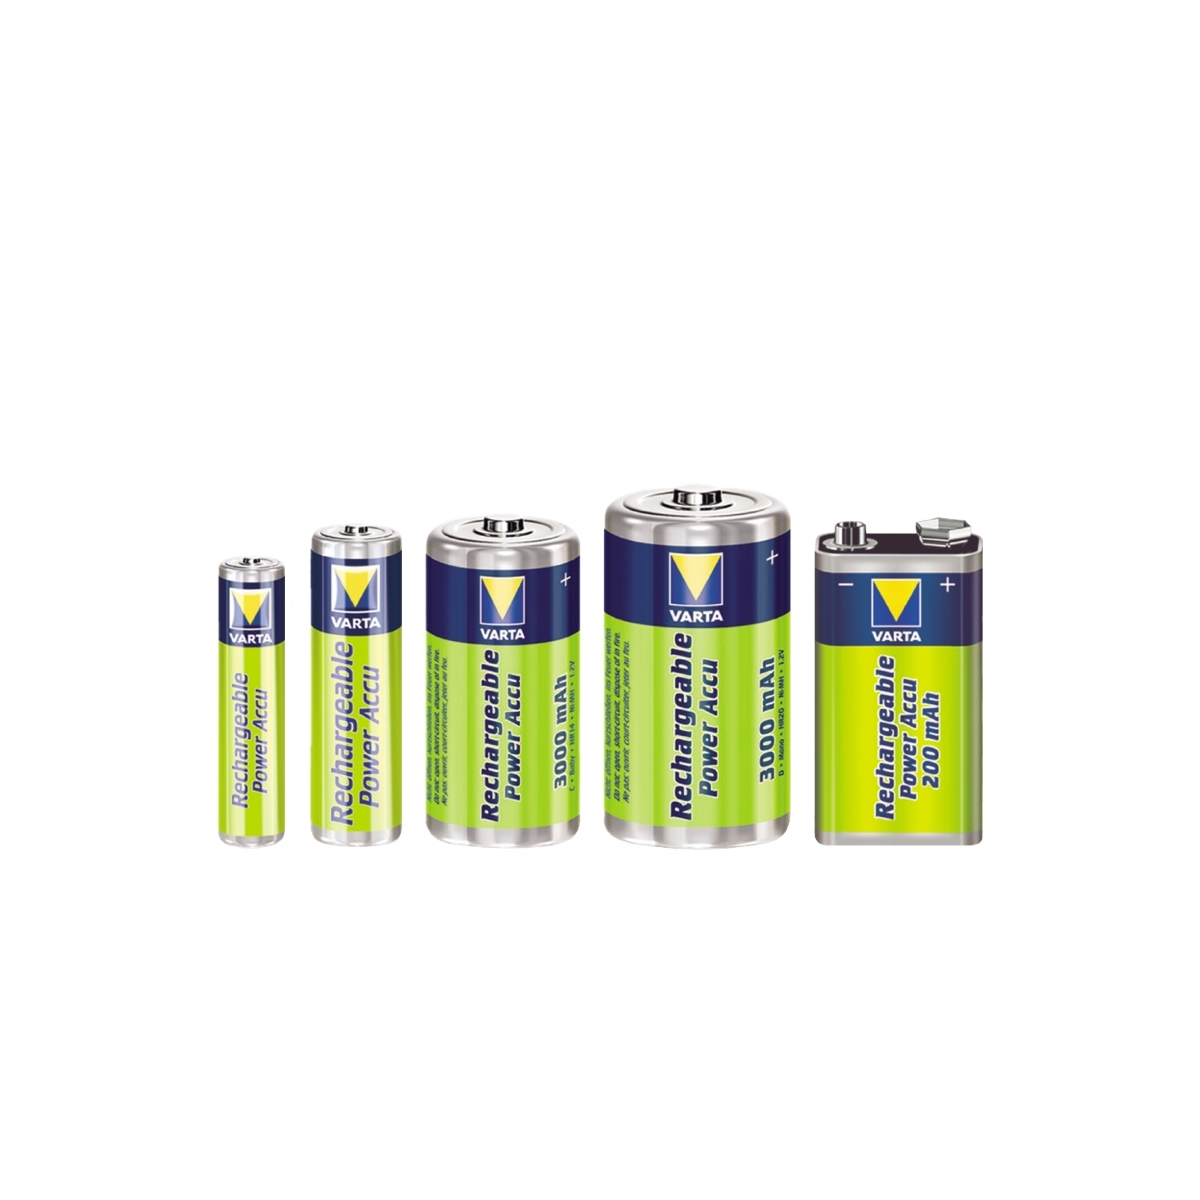 Baterie akumulatorowe Ni-MH - Varta